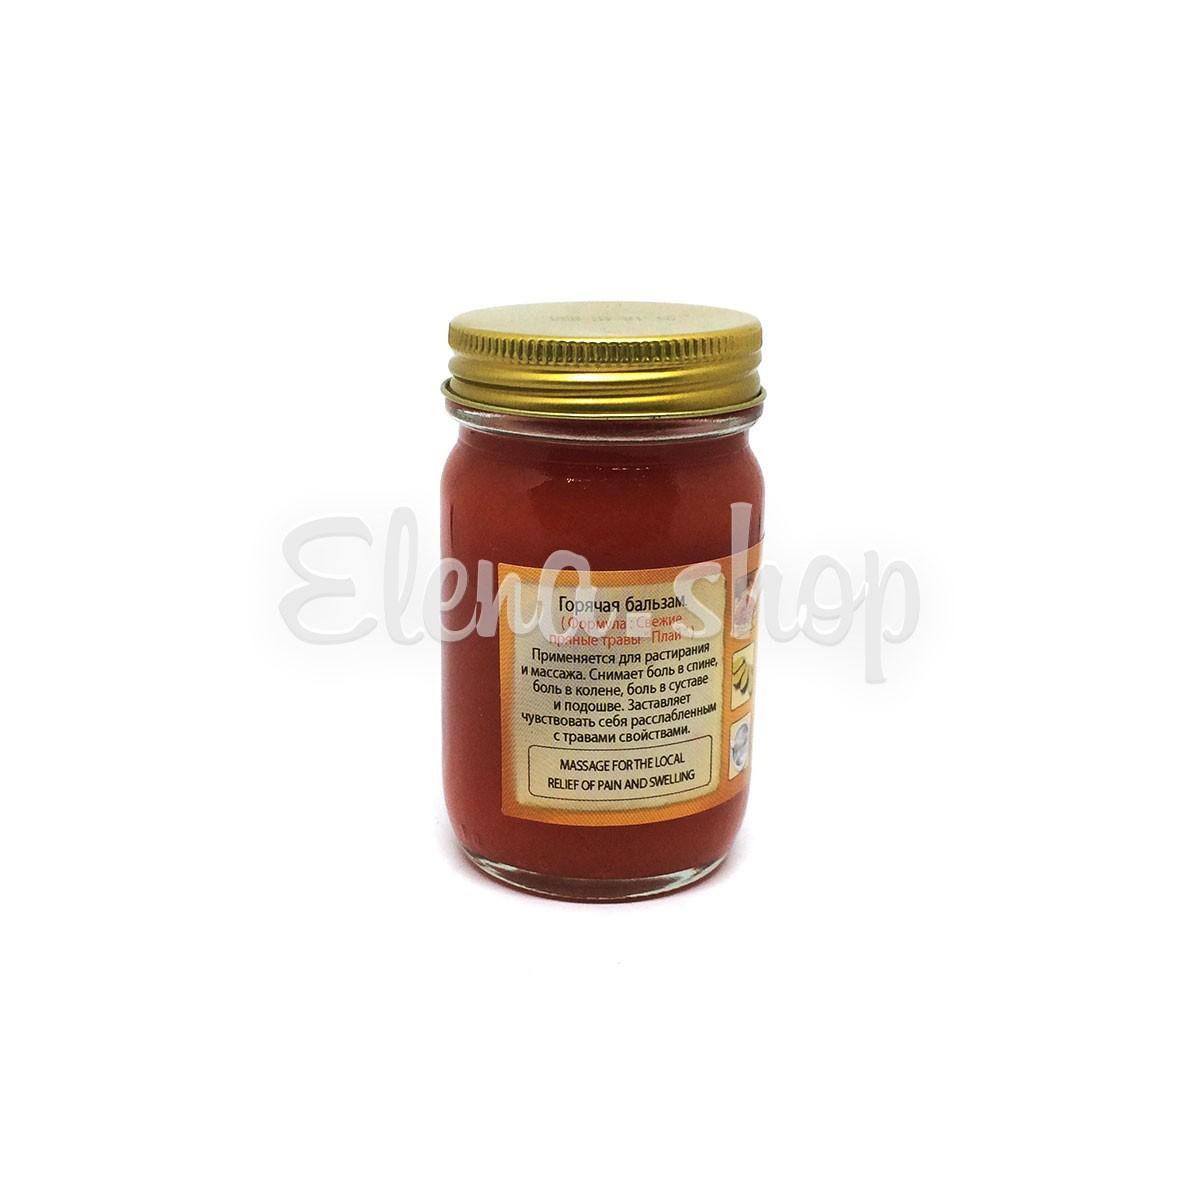 Оранжевый разогревающий бальзам с экстрактом Барлерии